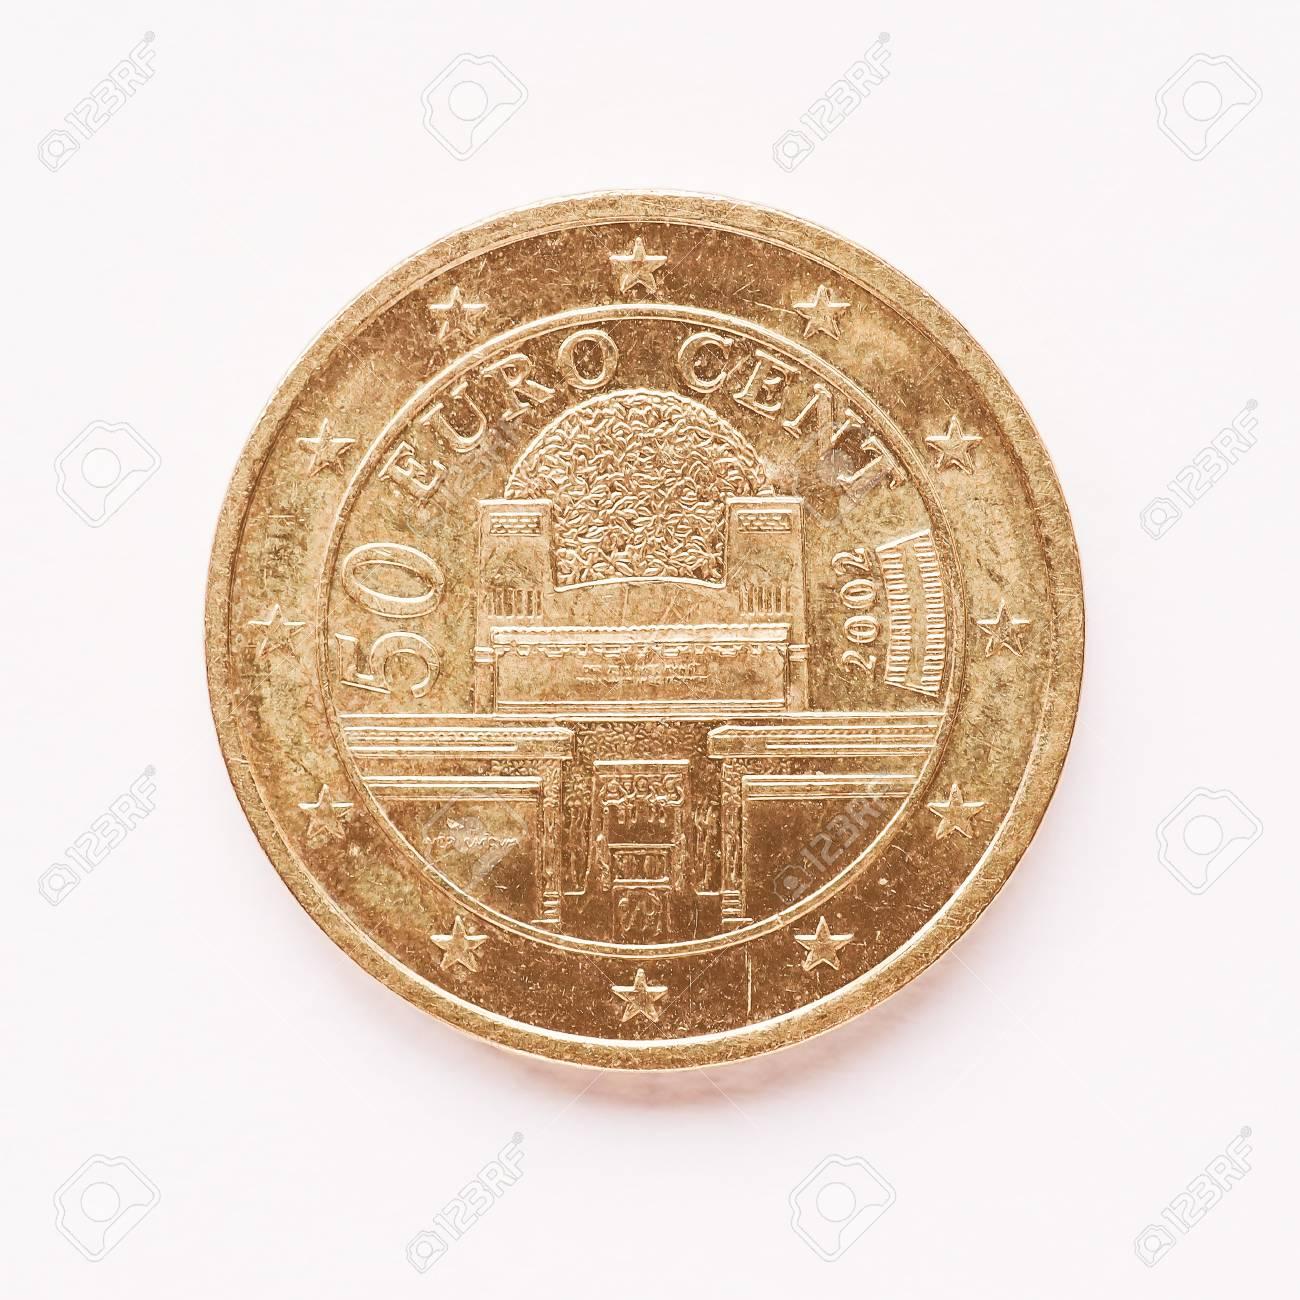 Währung Europe 50 Cent Münze Aus österreich Jahrgang Lizenzfreie